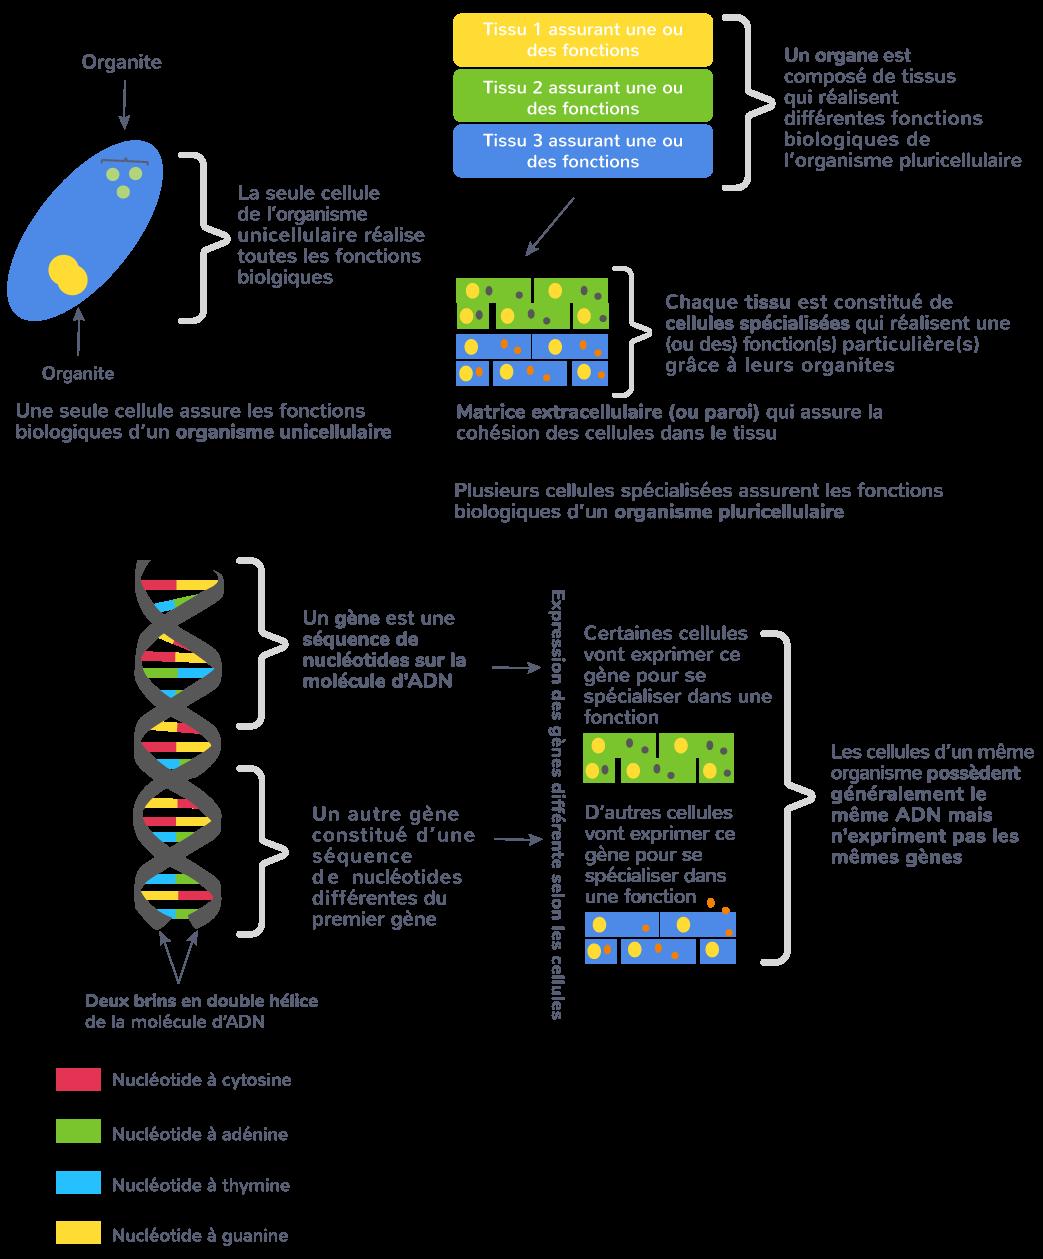 organisme pluricellulaire ensemble cellules spécialisées